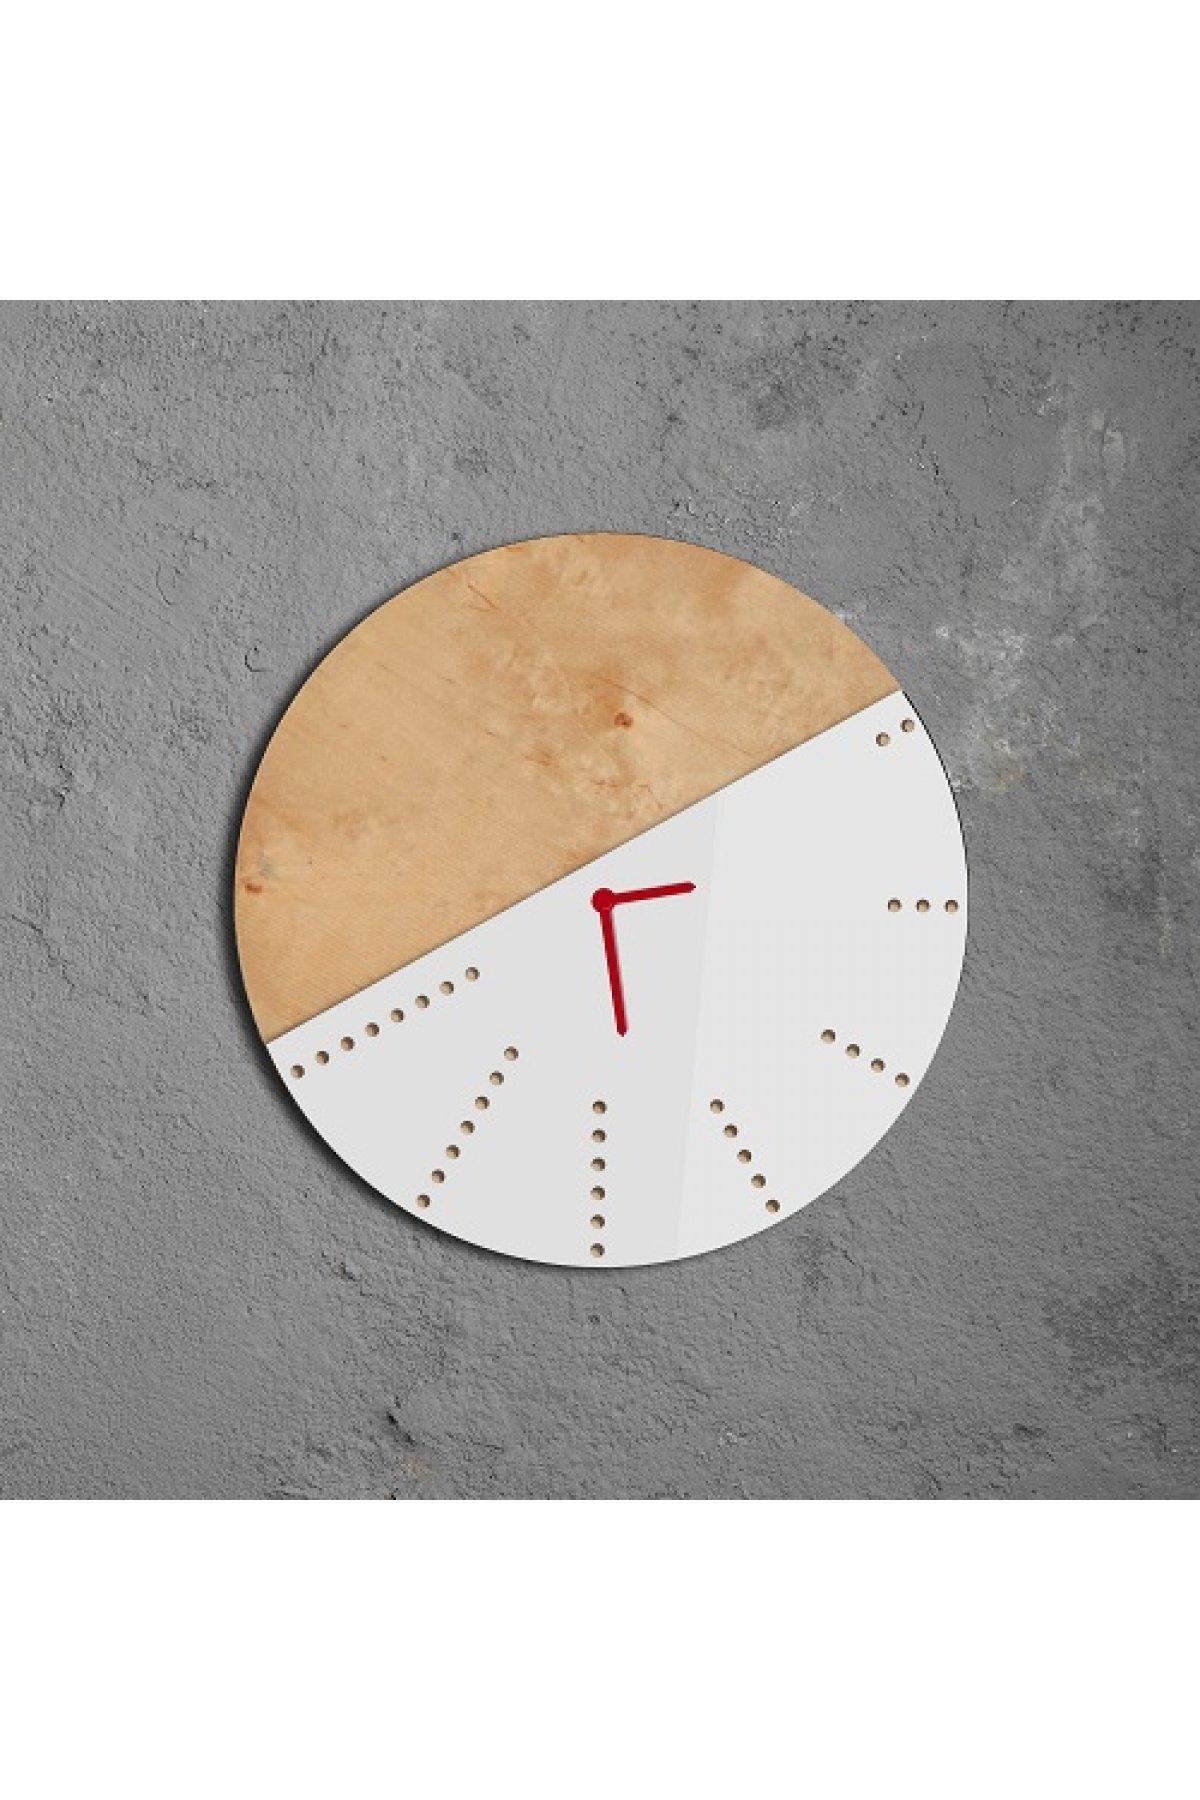 Evsimo Sunk Saat Beyaz